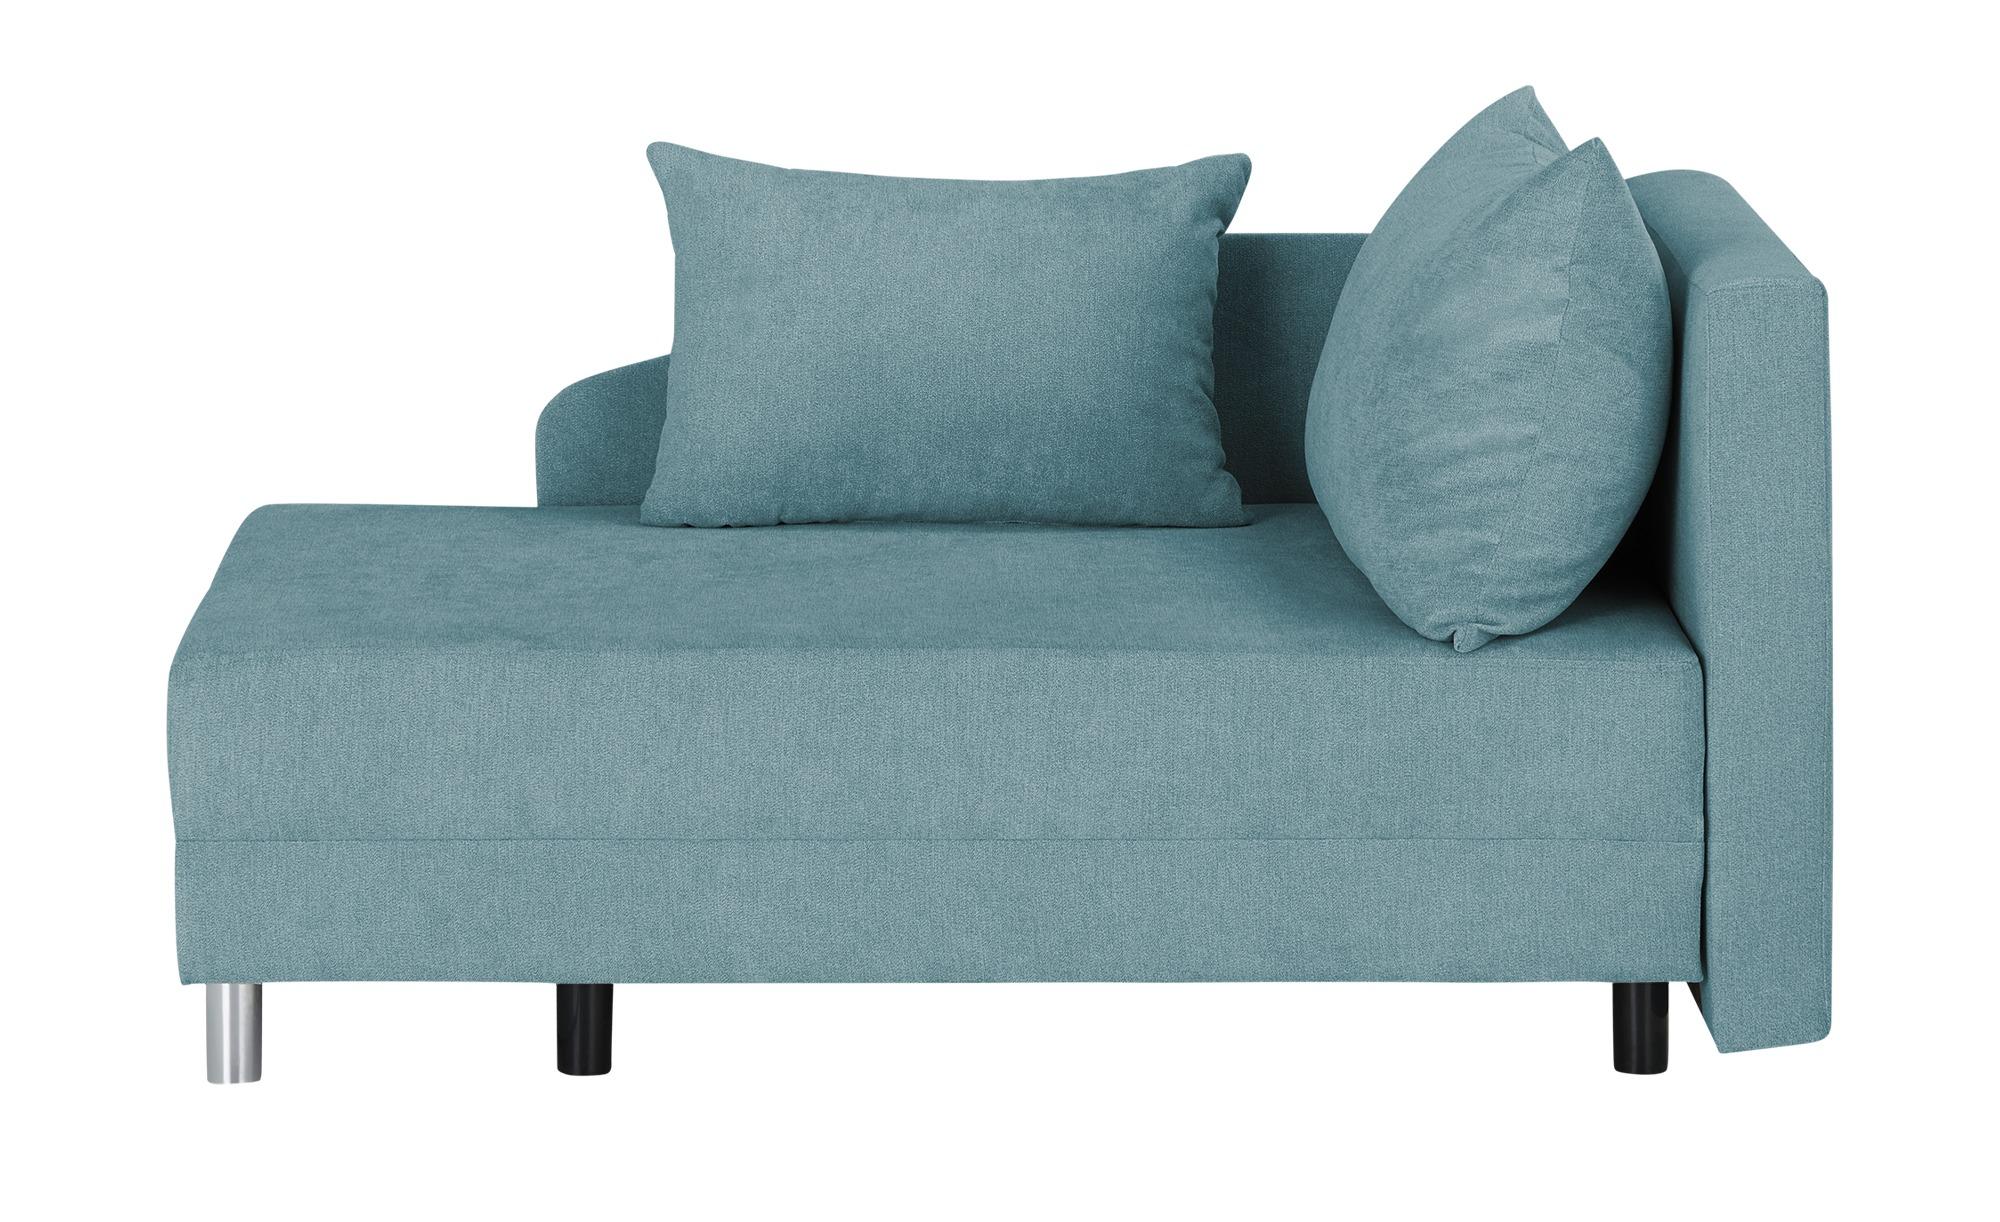 Ottomane  Aleksandra ¦ blau ¦ Maße (cm): B: 145 H: 82 T: 84 Polstermöbel > Sofas > Einzelsofas - Höffner